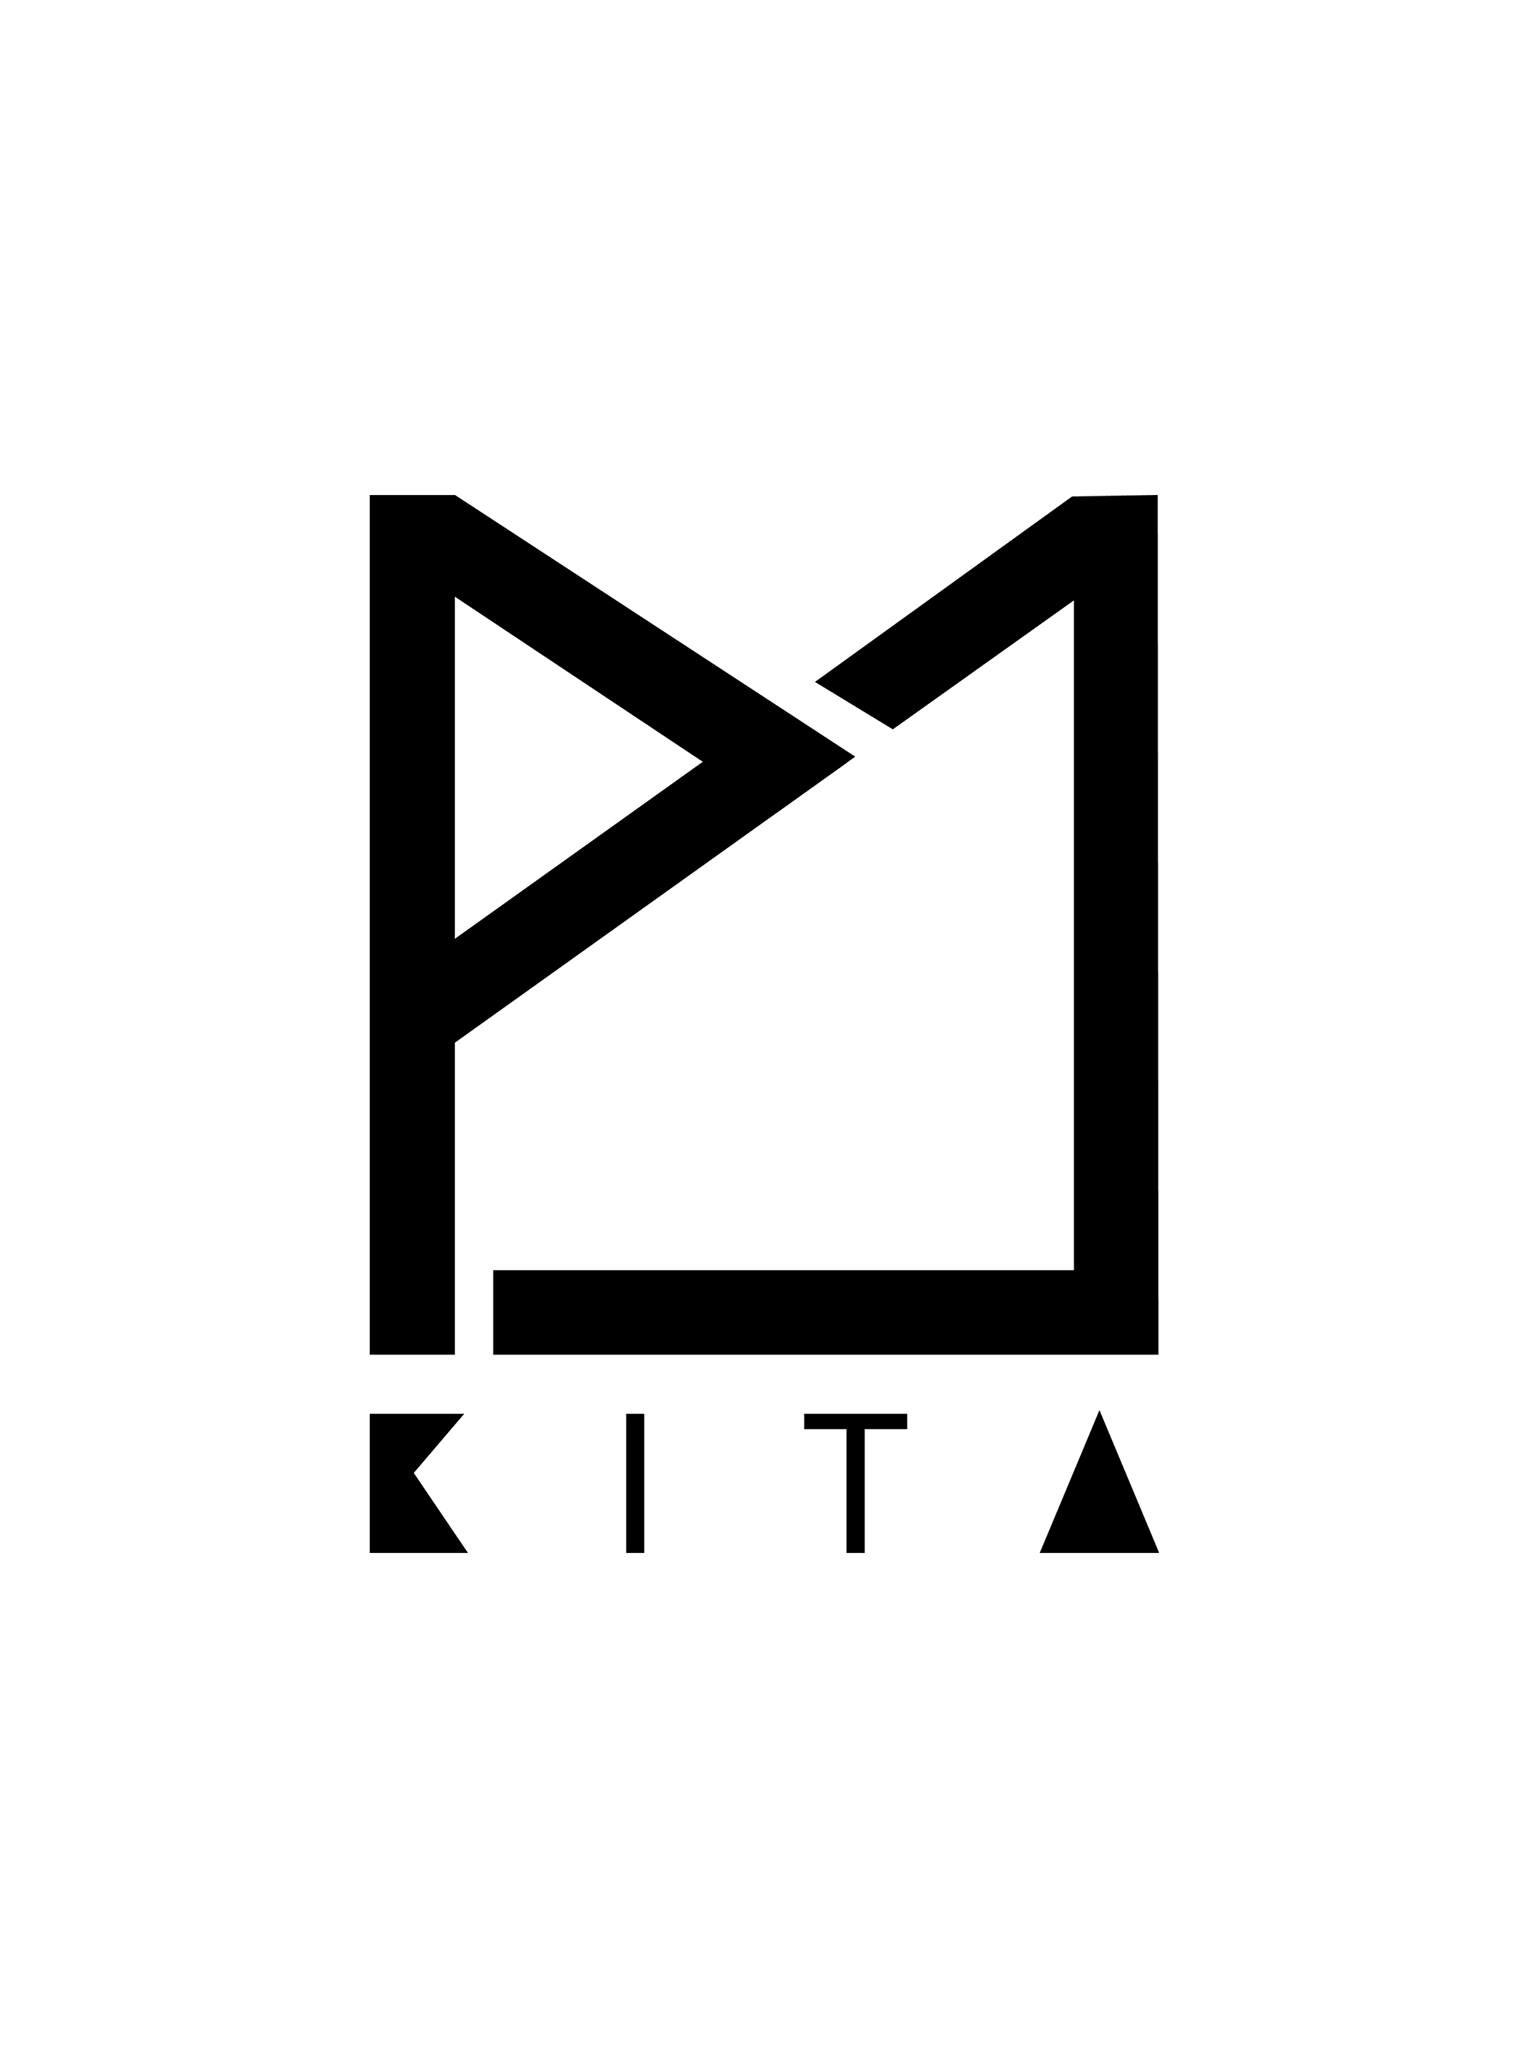 PJ KITA